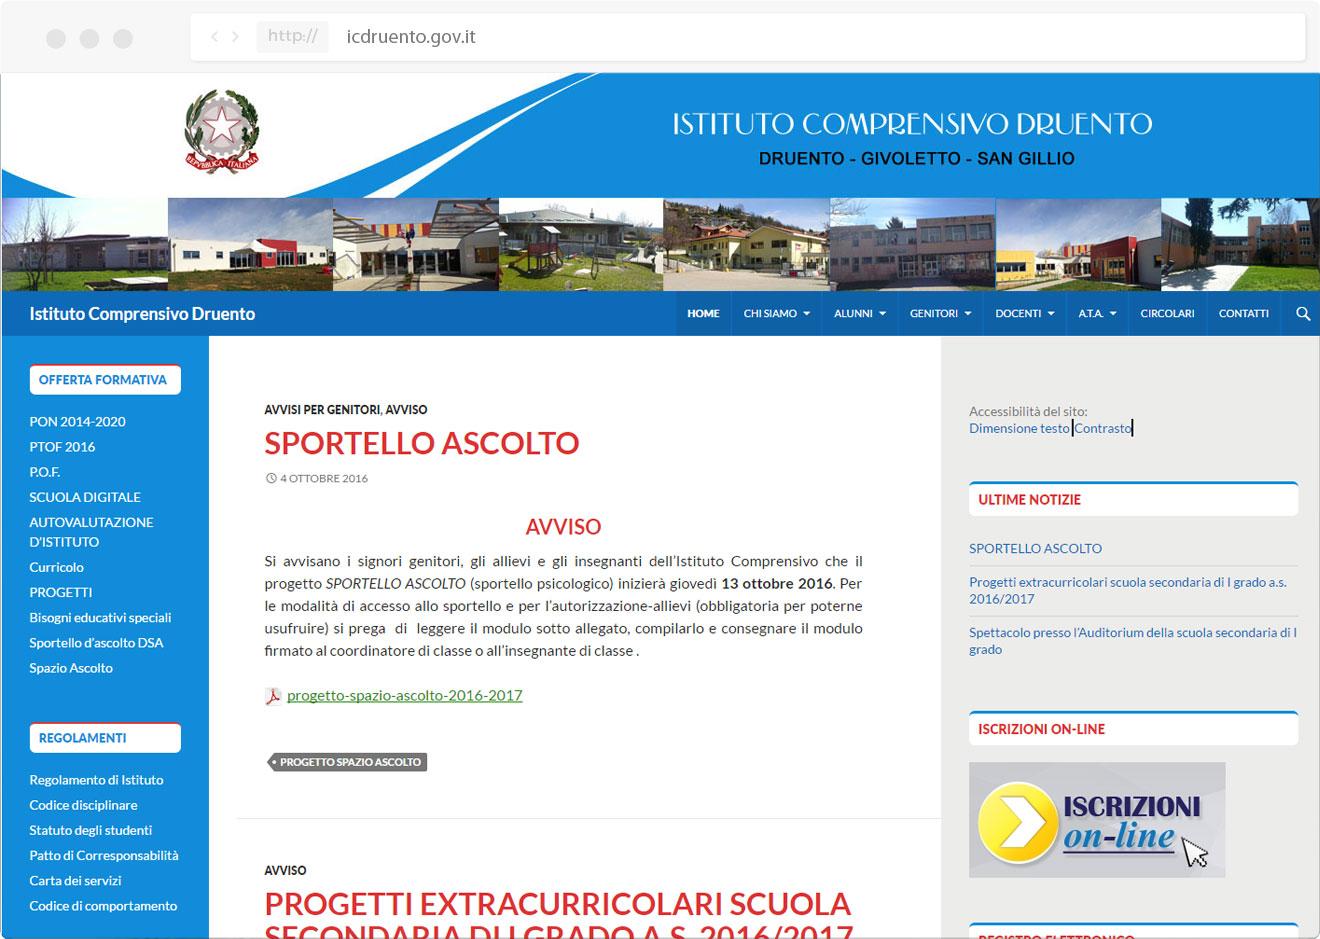 Icdruento - tre W siti web